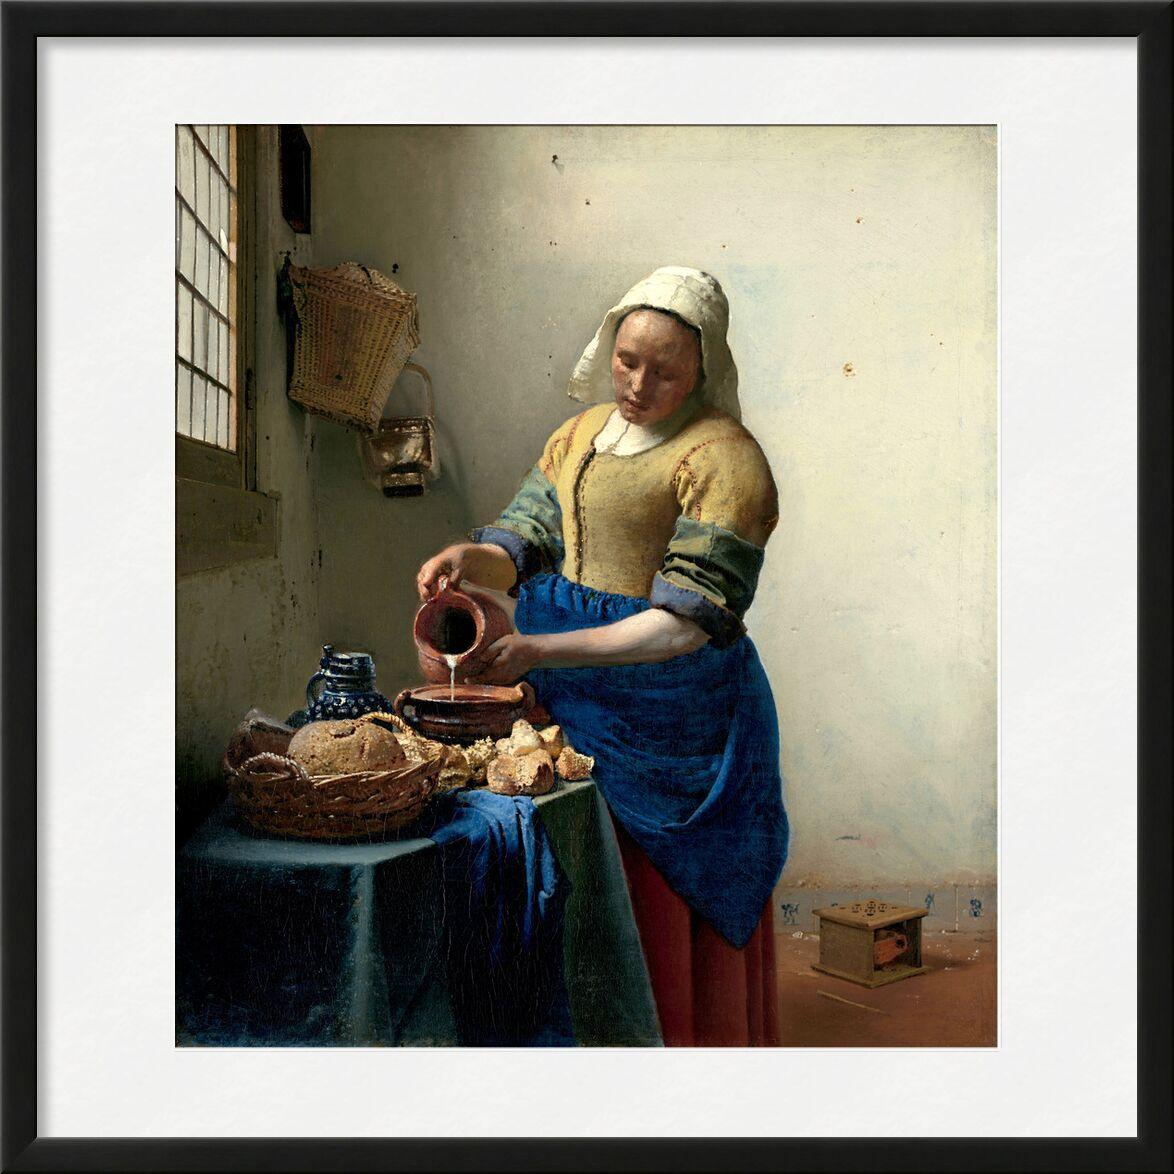 La Laitière - Johannes Vermeer de AUX BEAUX-ARTS, Prodi Art, Johannes Vermeer, cuisine, nourriture, laitière, lait, cuisiner, la douleur